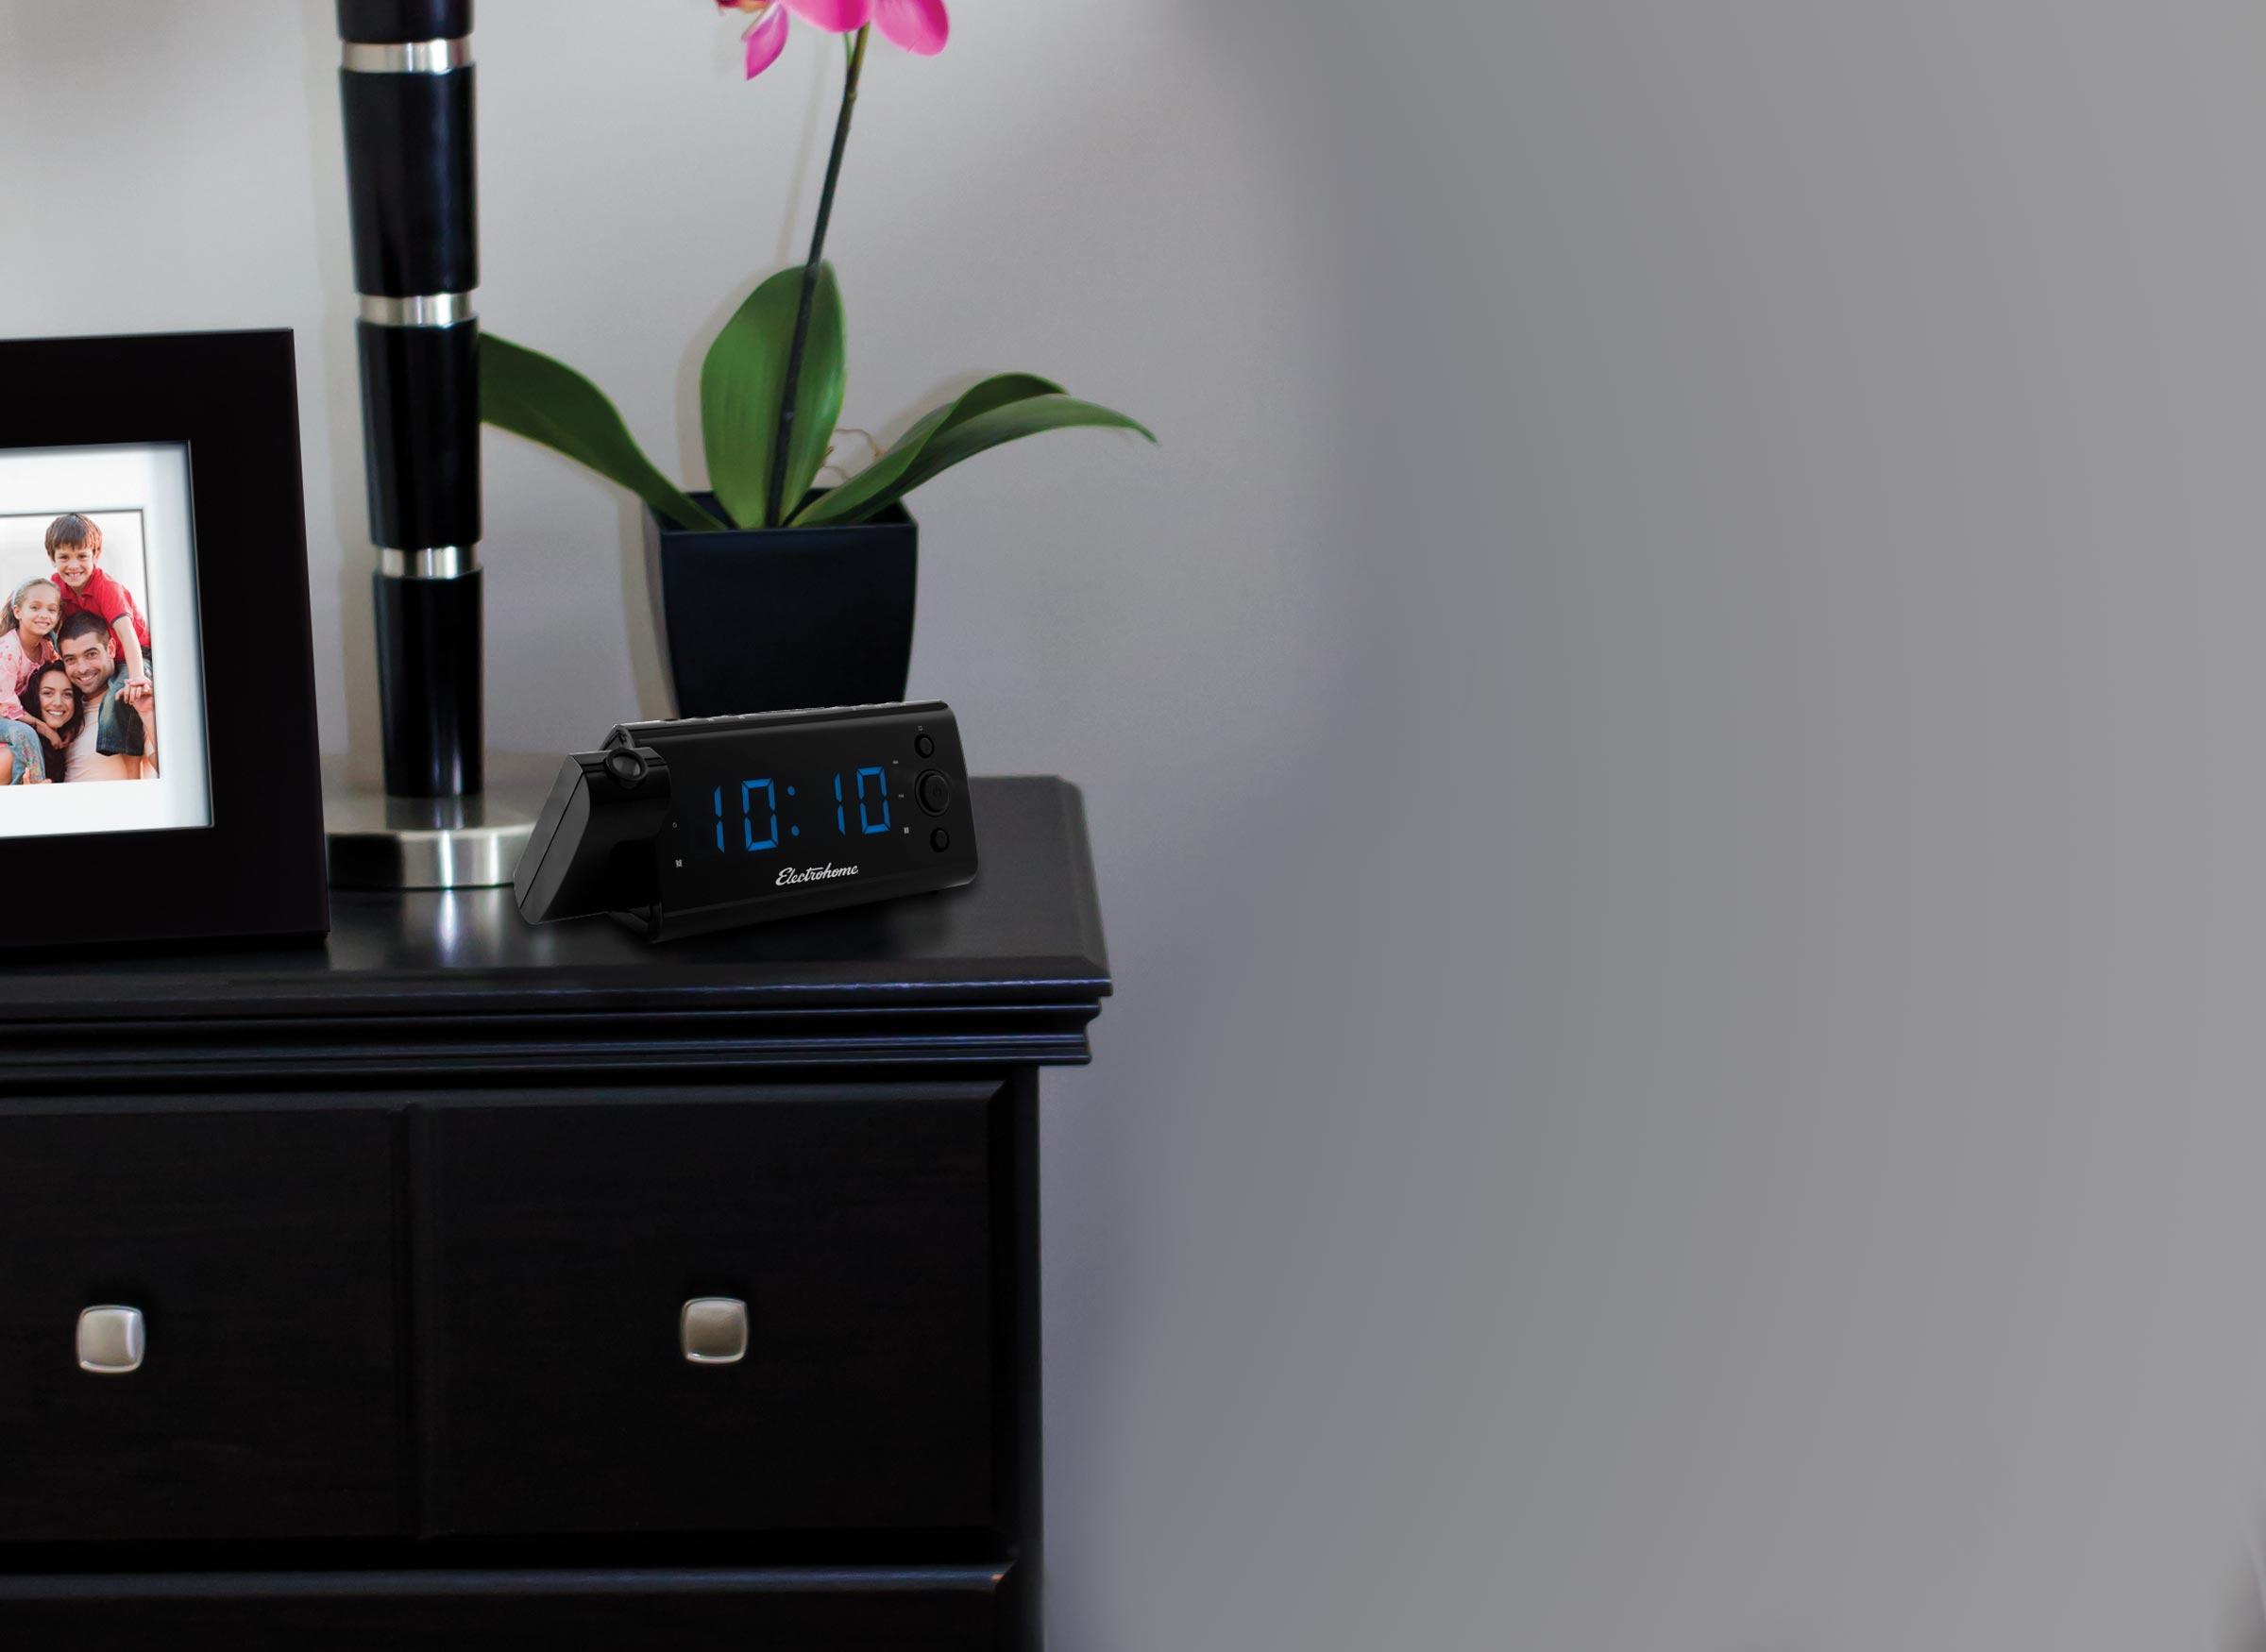 USB Charging Alarm Clock Radio